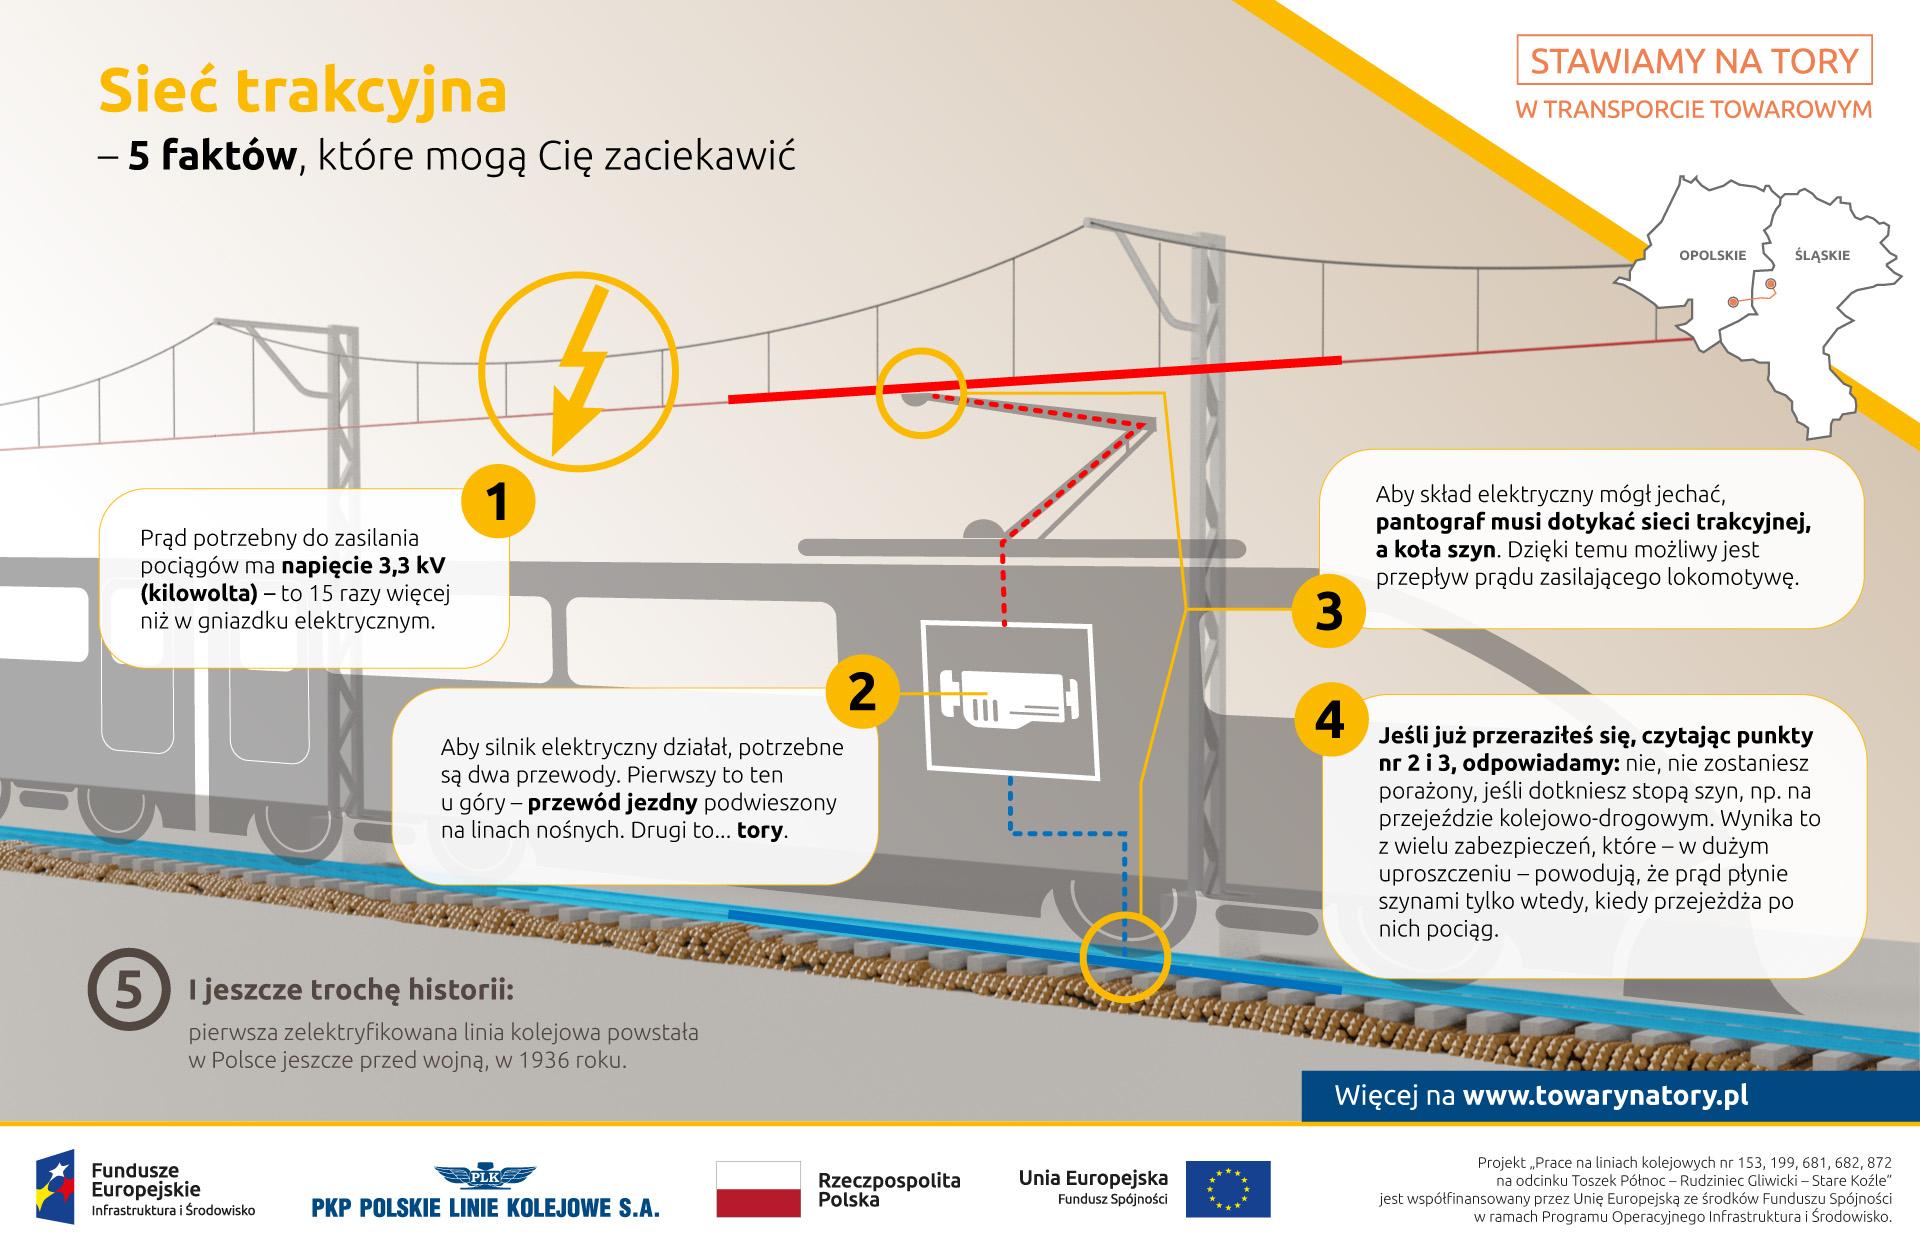 Infografika o 5 ciekawych faktów o sieci trakcyjnej. Prąd potrzebny do zasilenia pociągów na napięcie 3,3 kilowatów. Zasilanie skłąda się z 2 przewodów - górnegi i dolnego. Skład jedzie kiedy pantograf dotyka trakcji a koła szyn. Prąd nie porazi człowieka przez szyny.